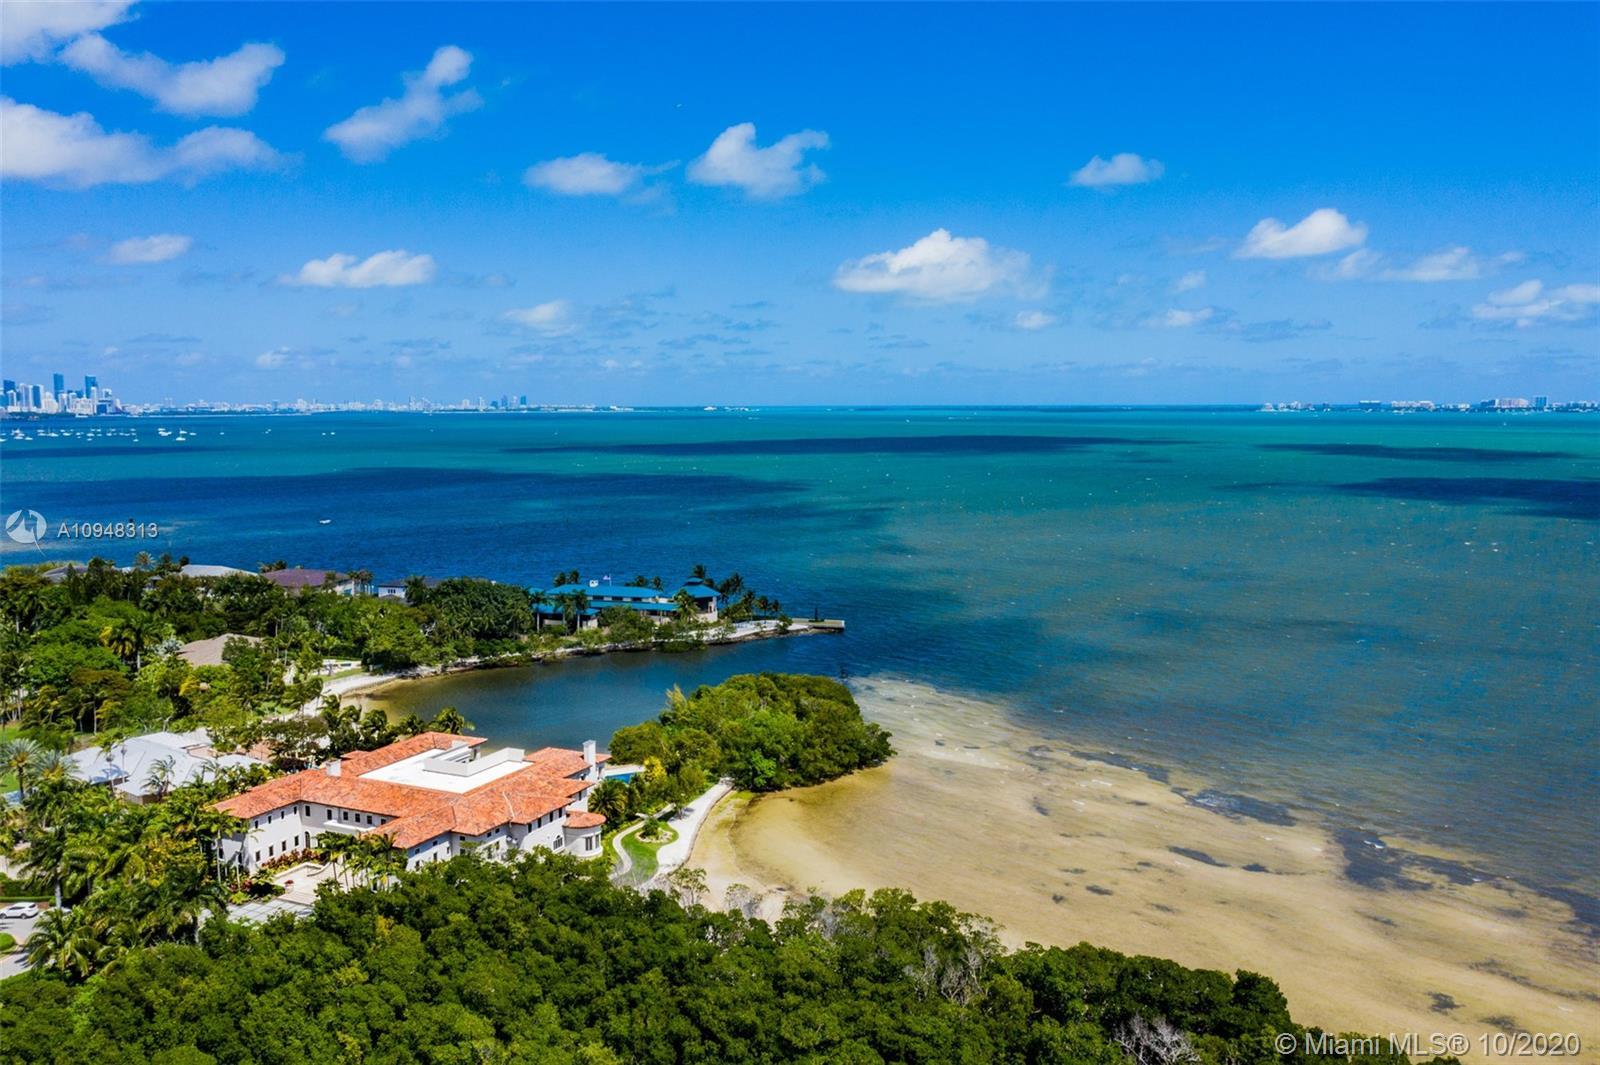 4 Tahiti beach island rd-  coral-gables-fl-33143-a10948313-Pic62